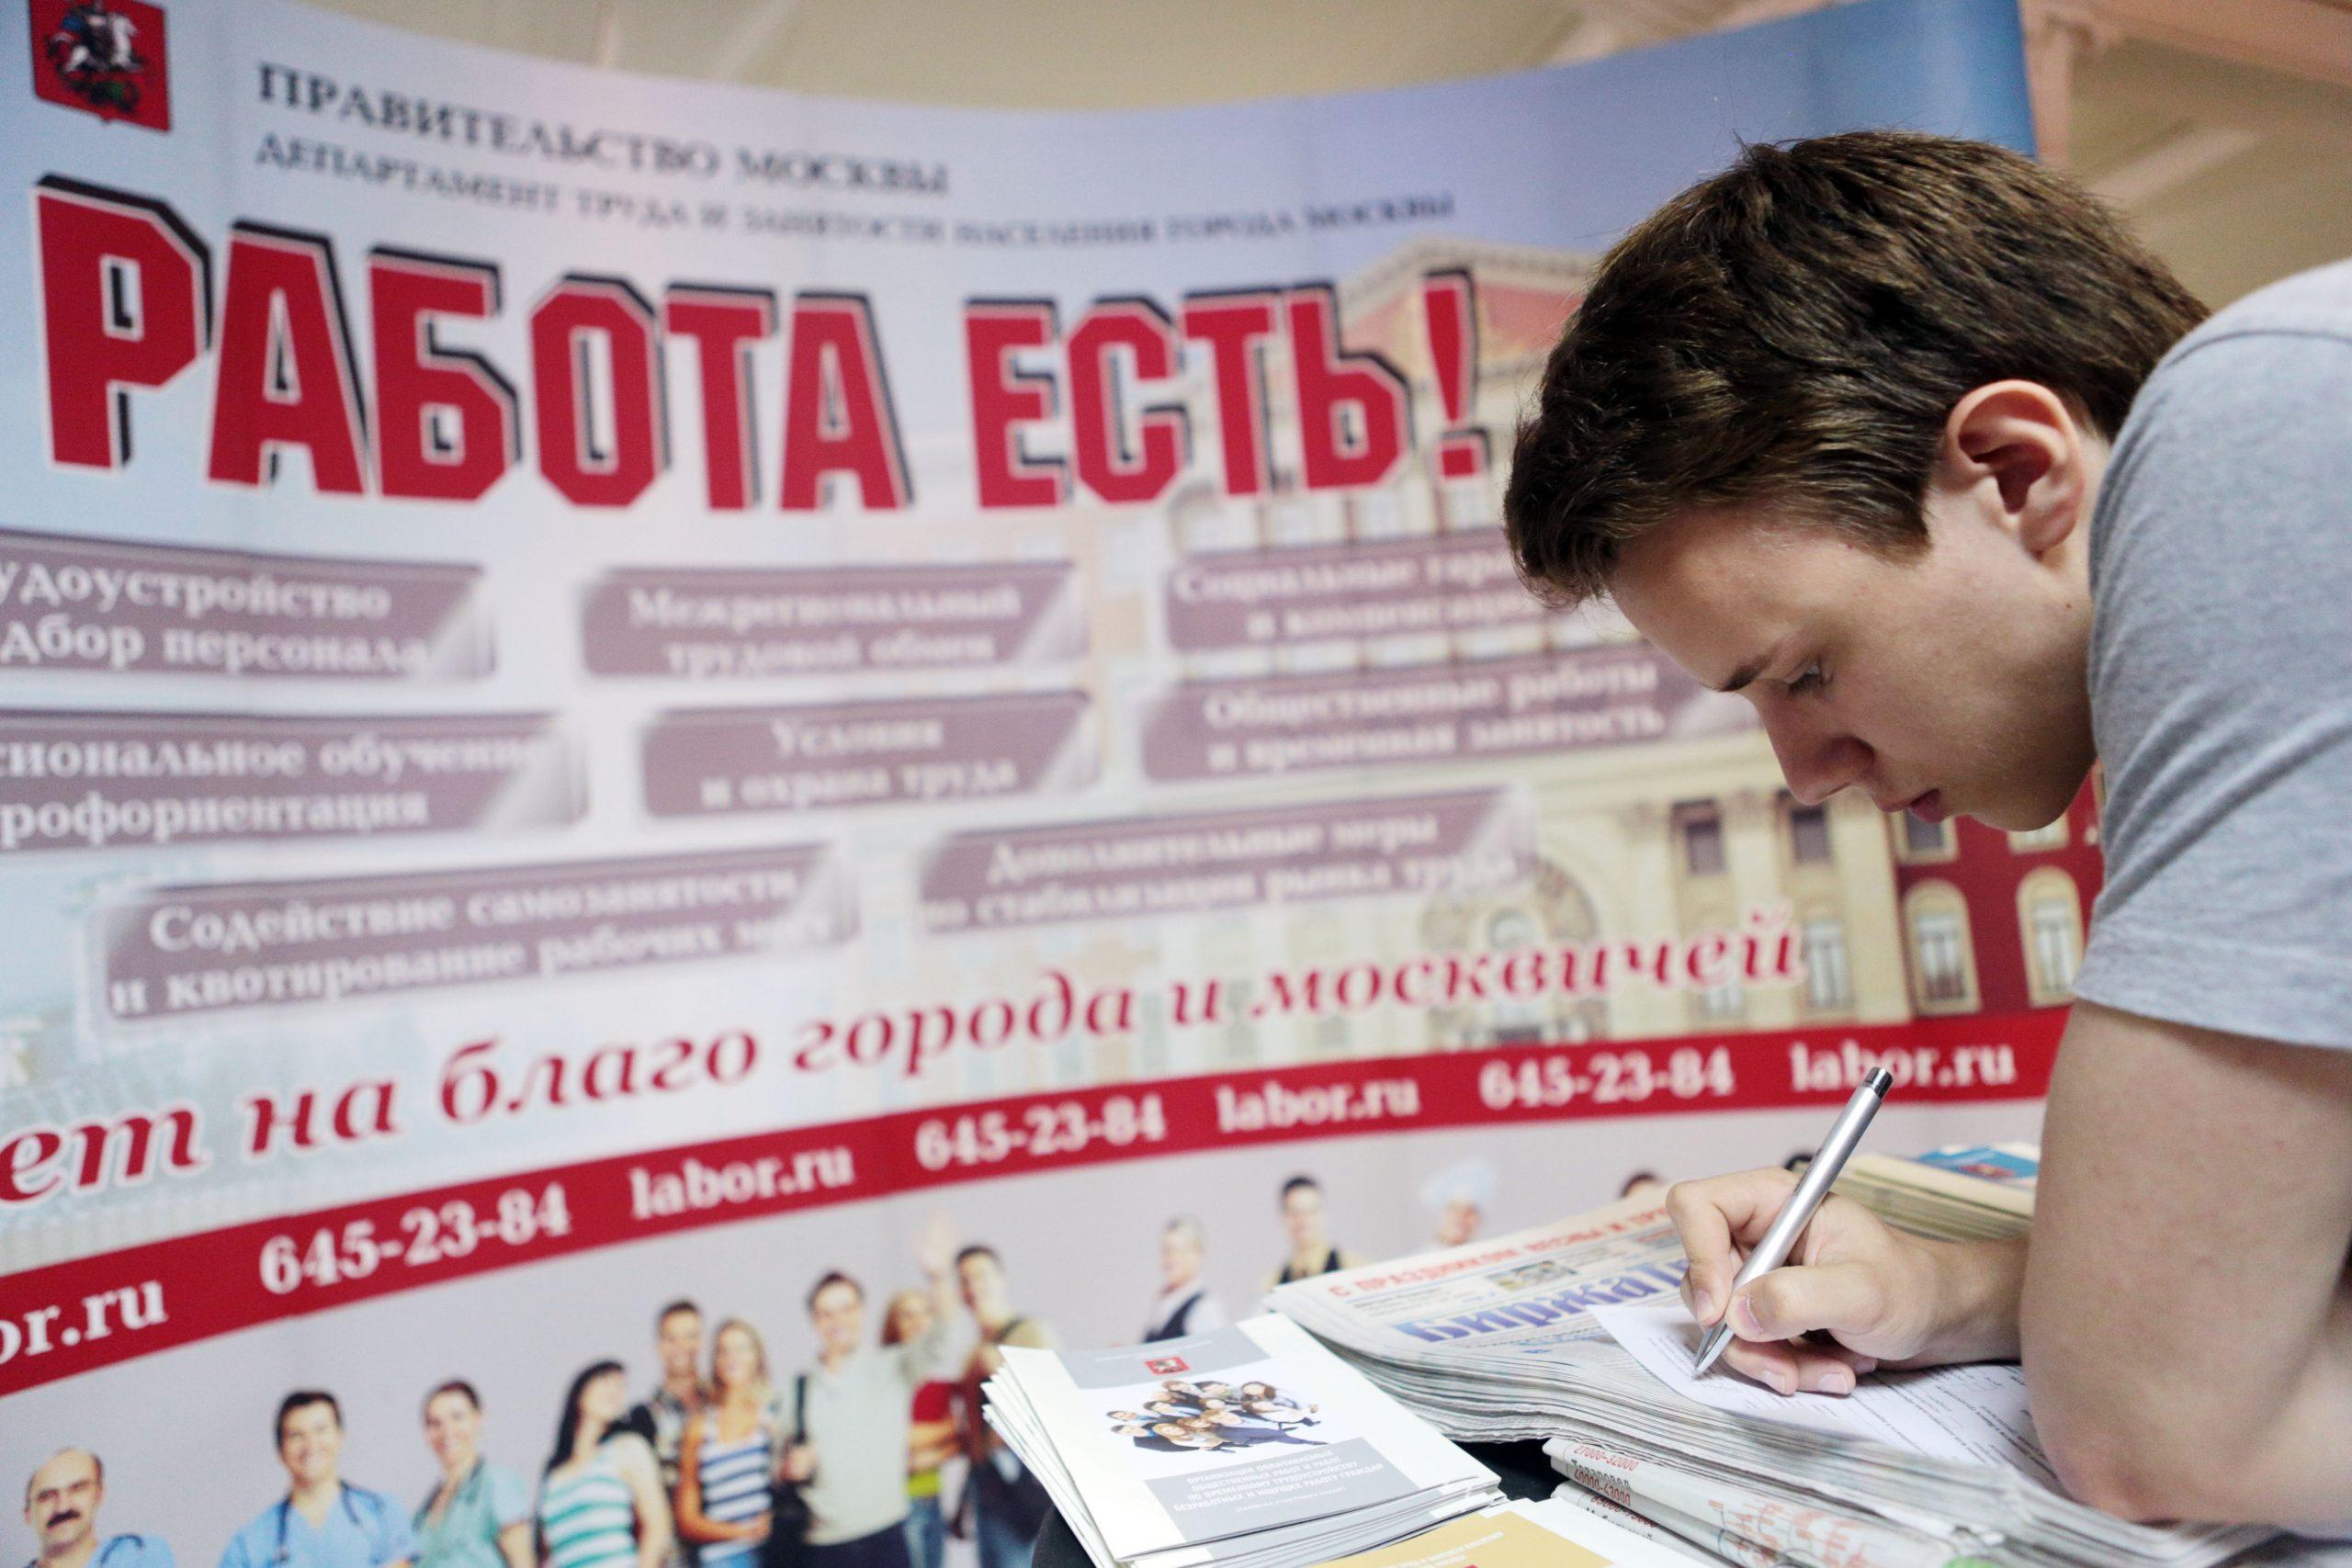 Москву включили в топ-3 городов мира с самой низкой безработицей